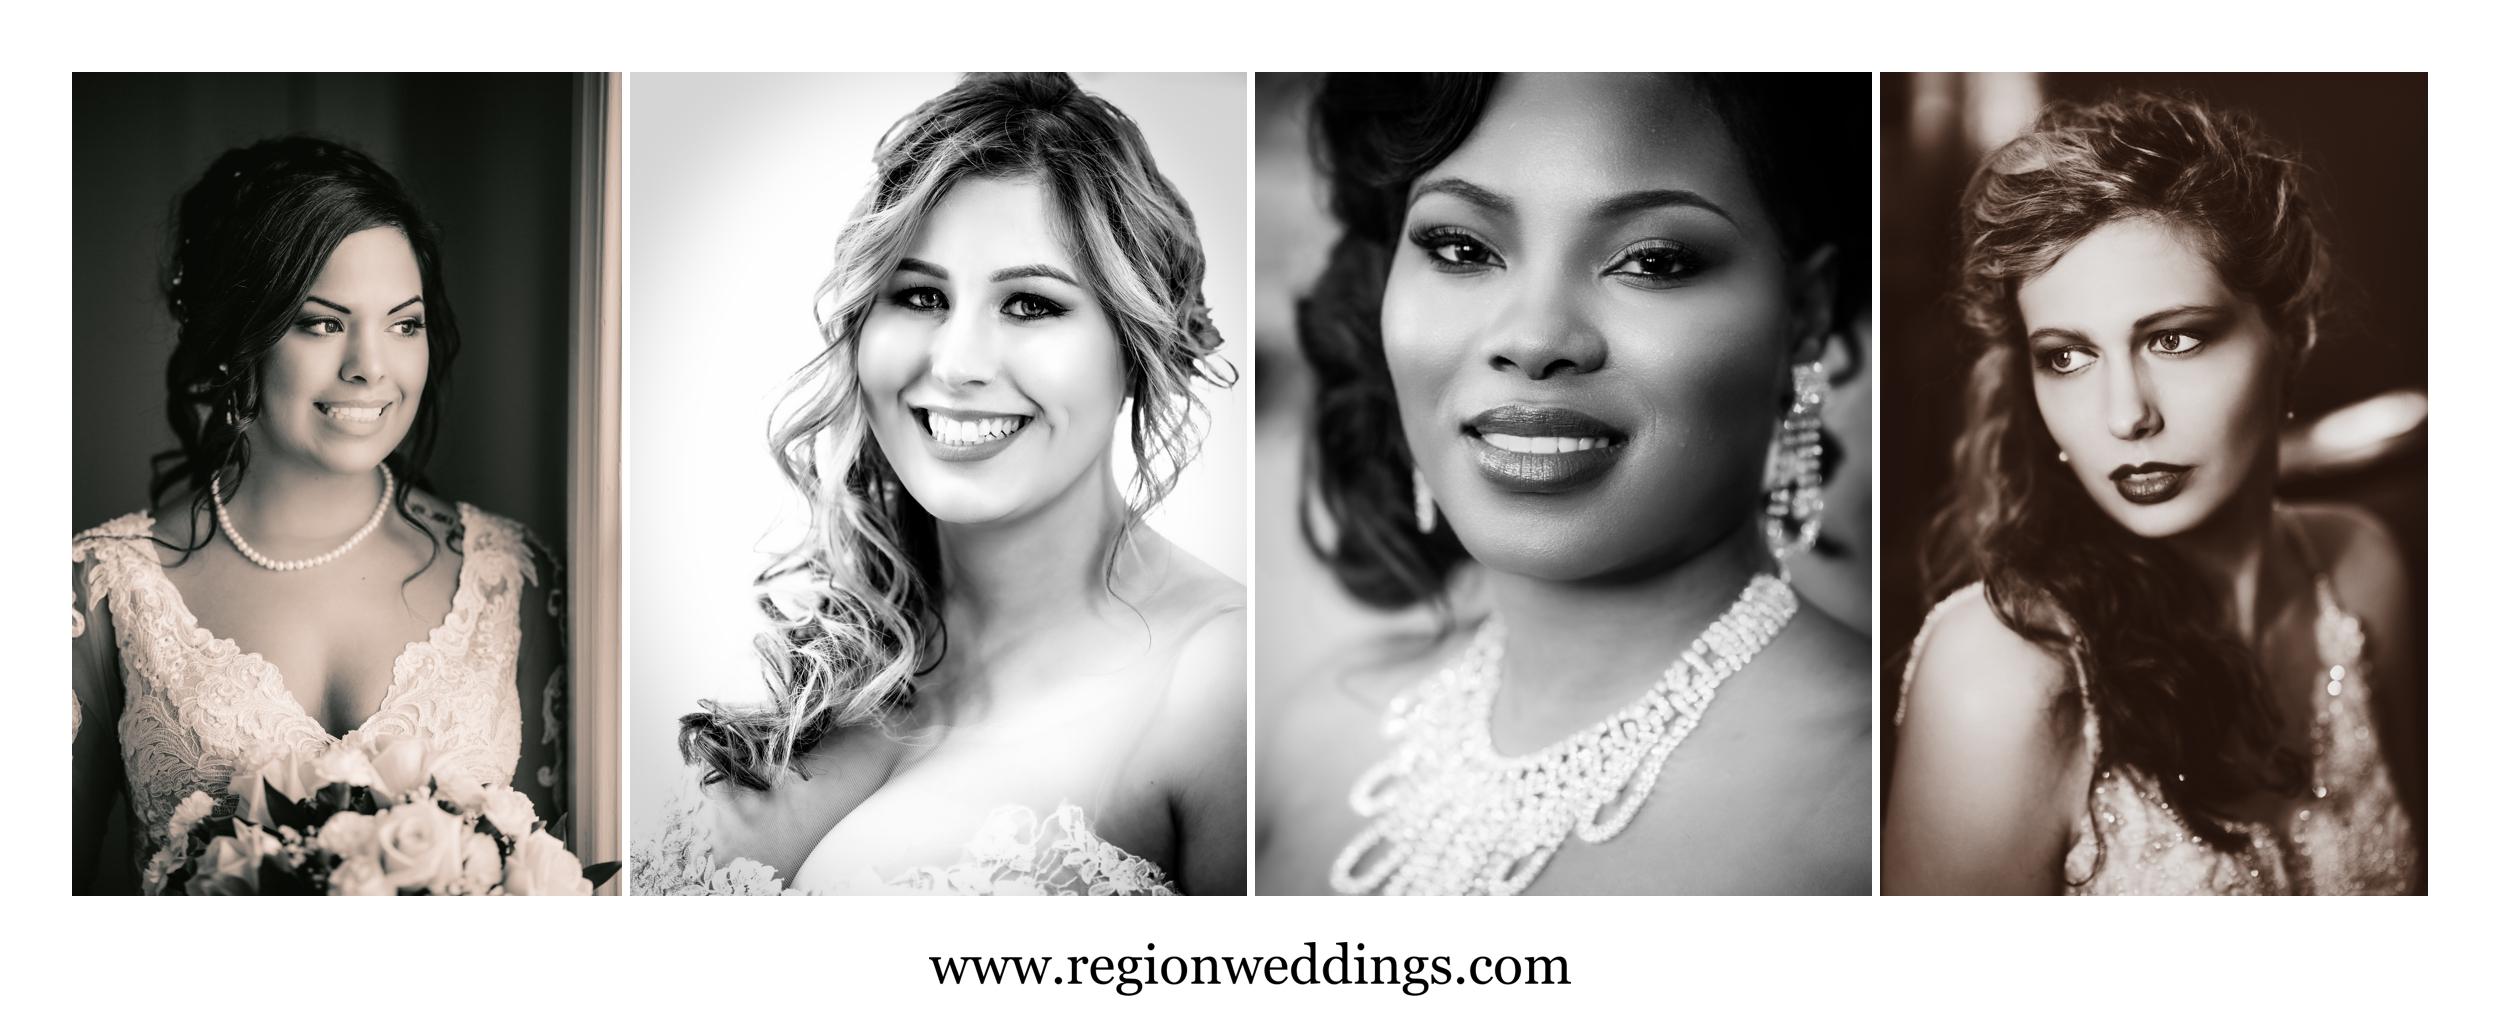 Black and white bridal portraits.